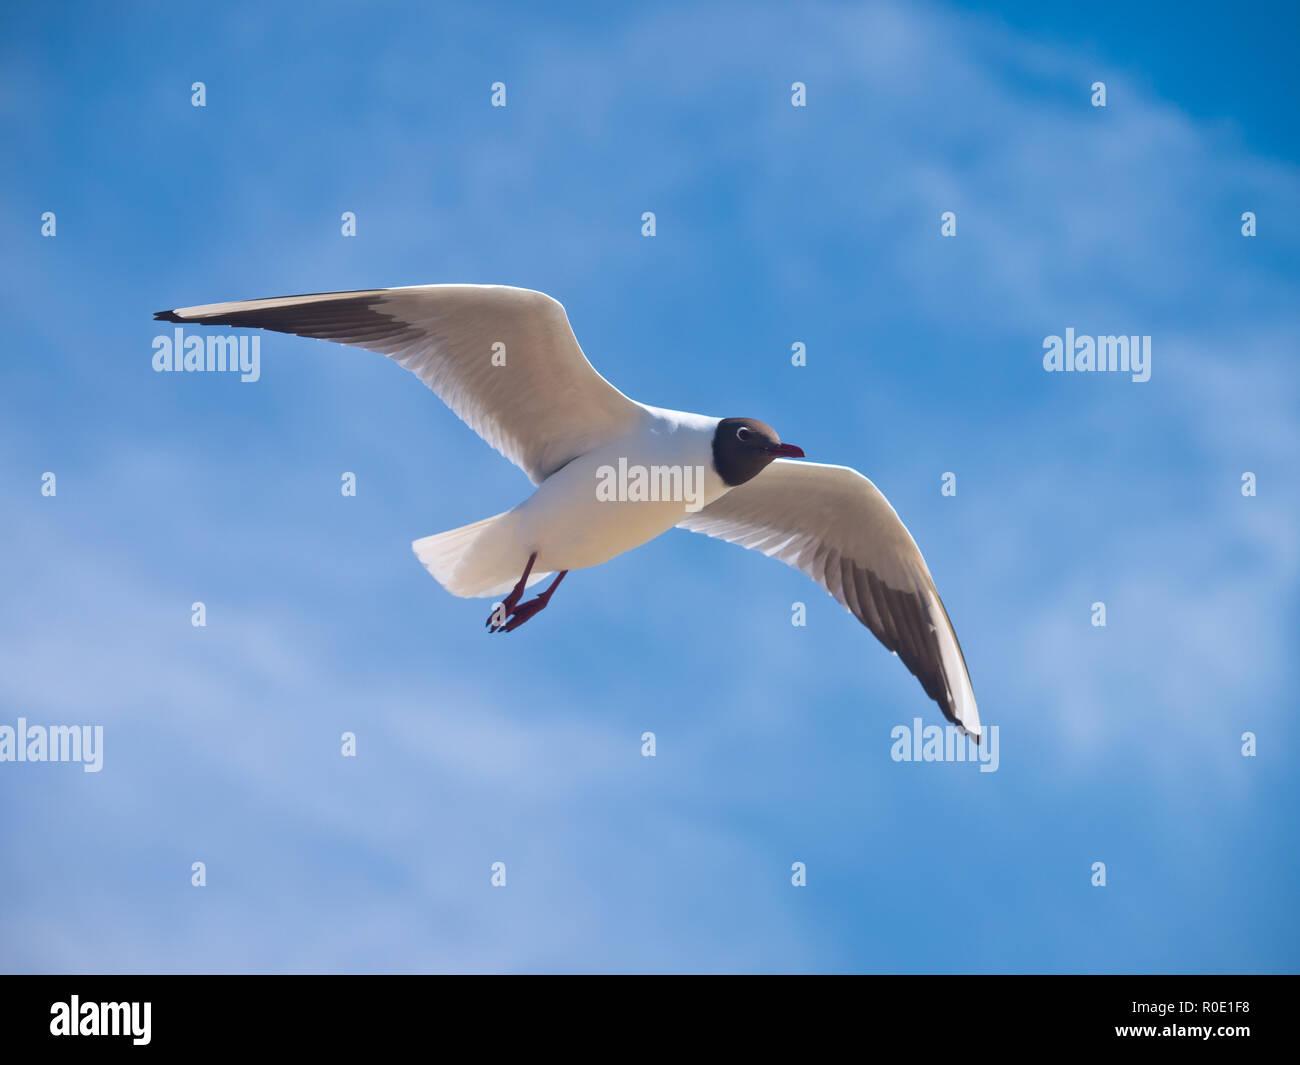 Een kokmeeuw zweeft op de wind tegen een blauwe lucht Stock Photo